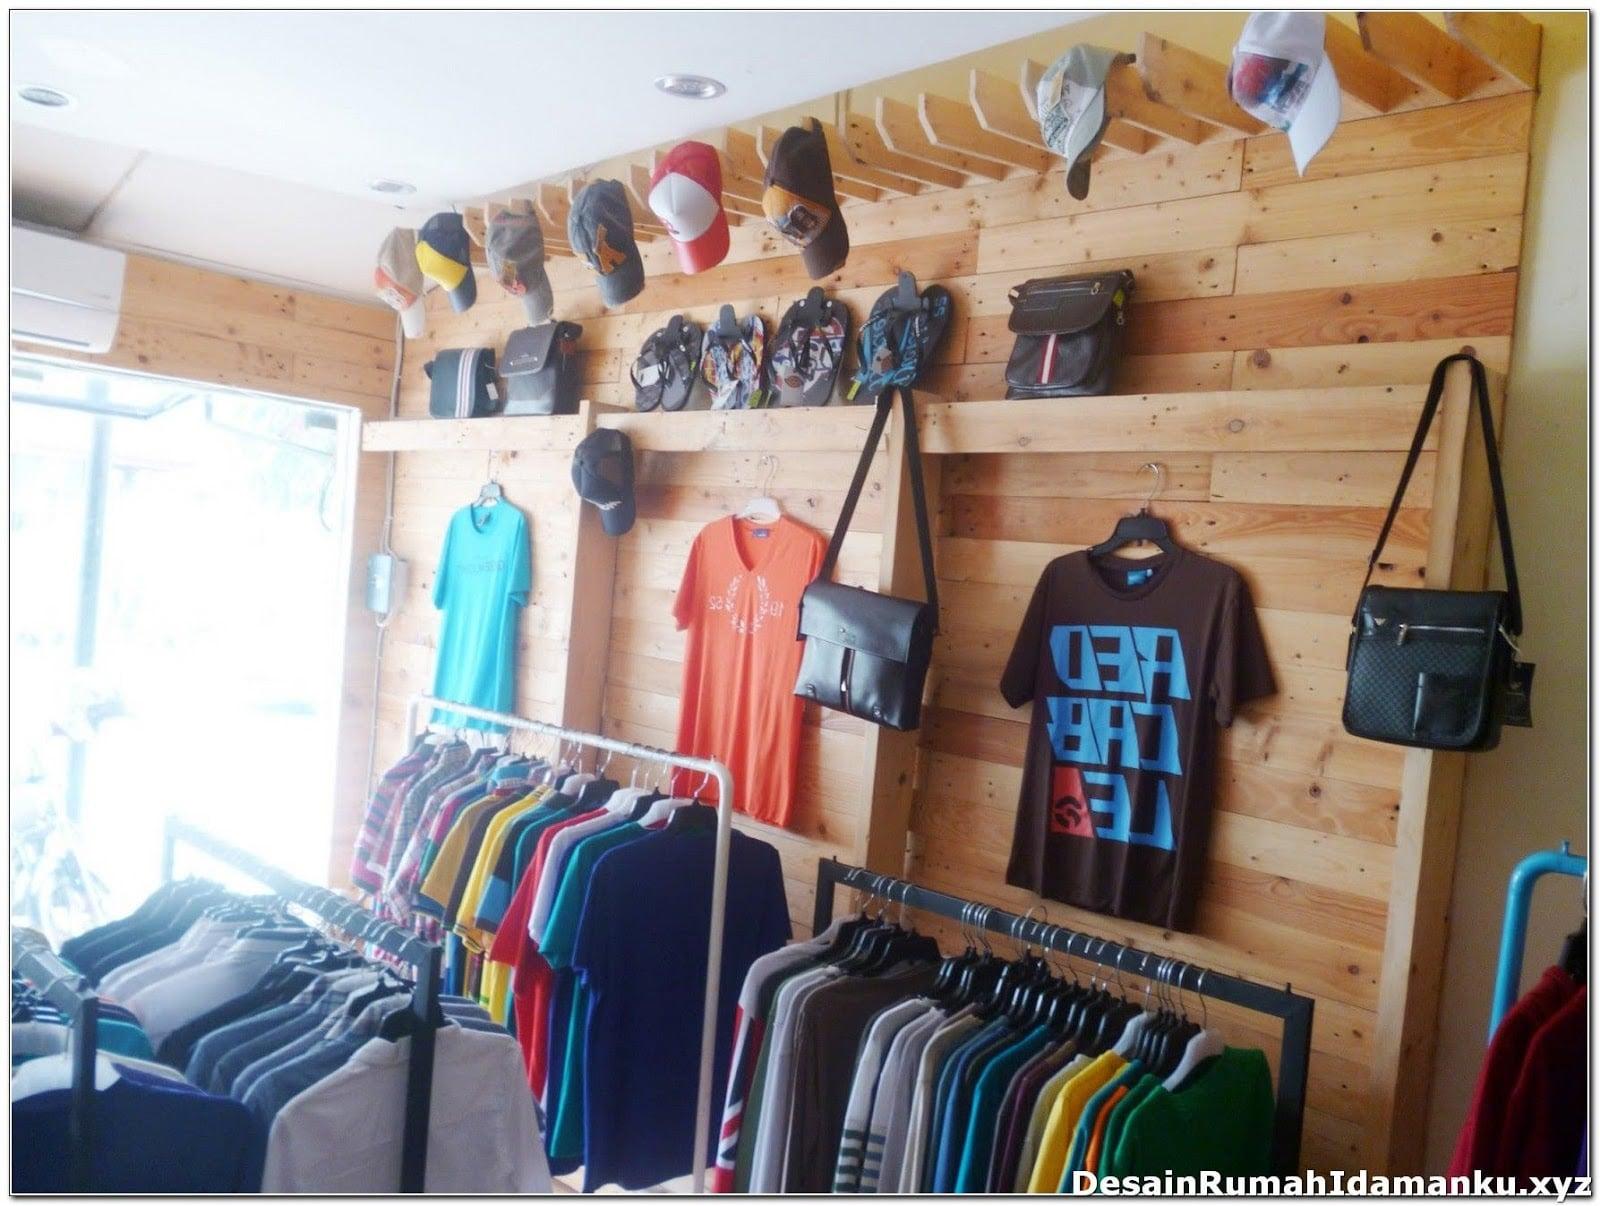 93 Ide Desain Toko Baju Anak Di Rumah Terbaru Dan Terlengkap